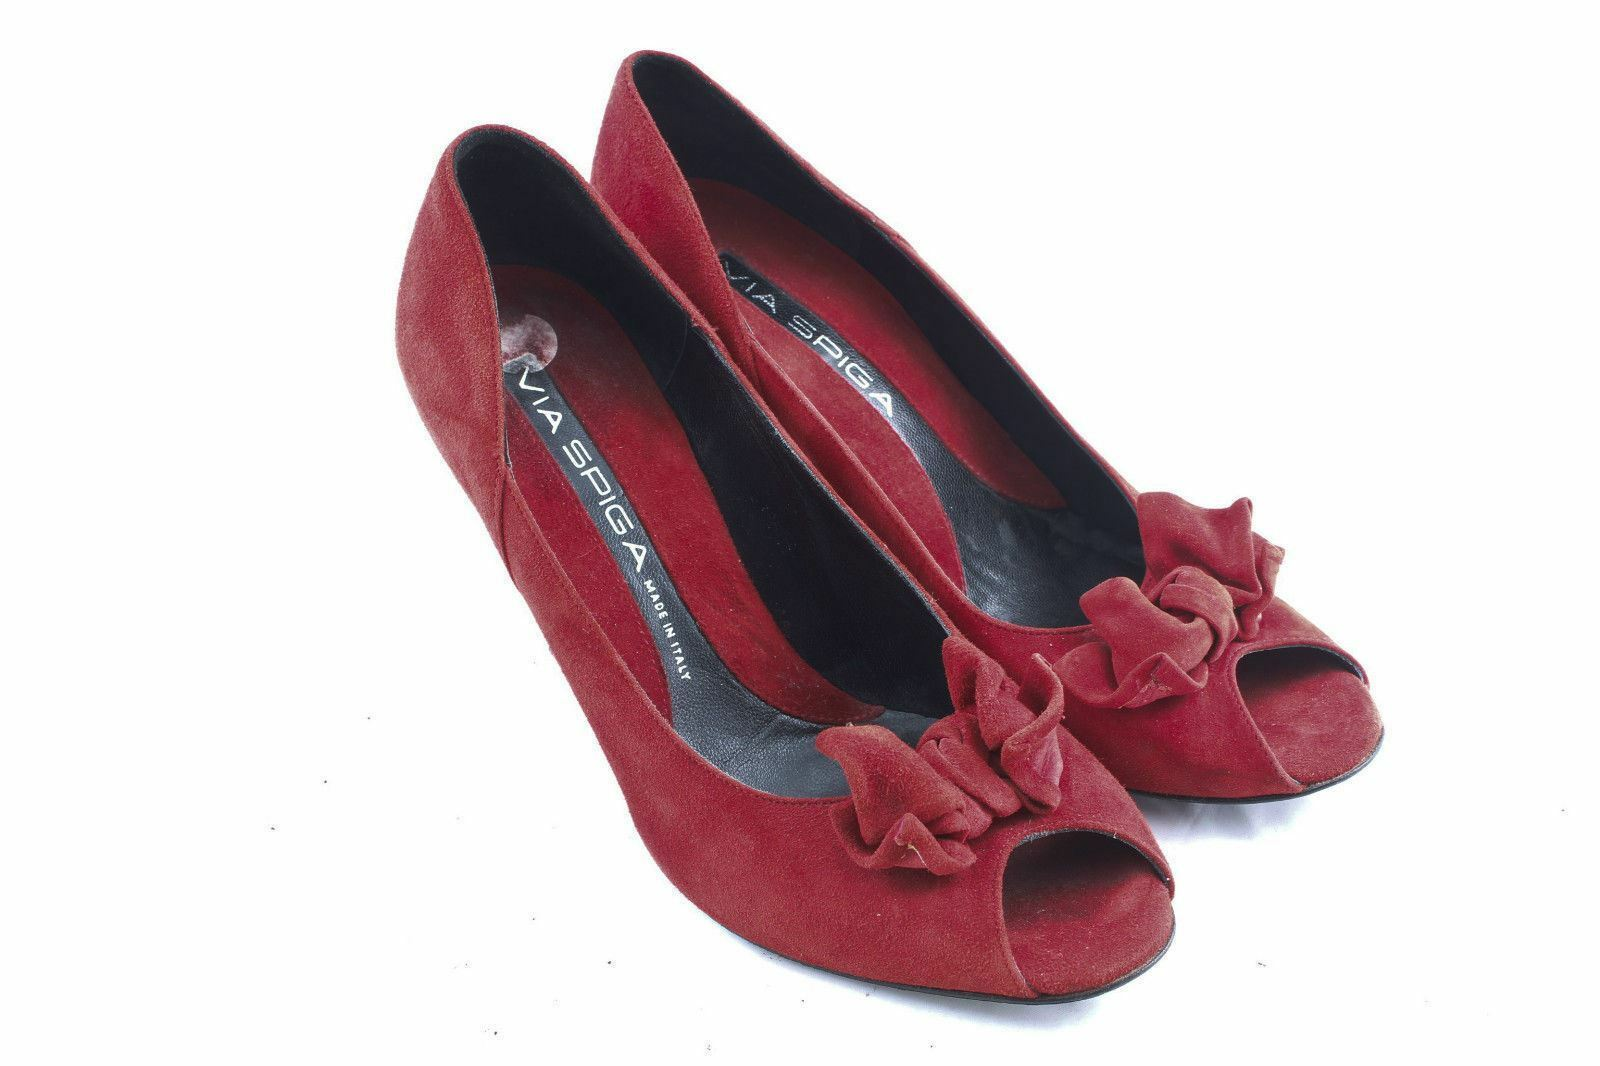 marchio in liquidazione VIA SPIGA rosso rosso rosso Suede Open Toe Bowed Heels Dimensione 8.5 Made in   negozio online